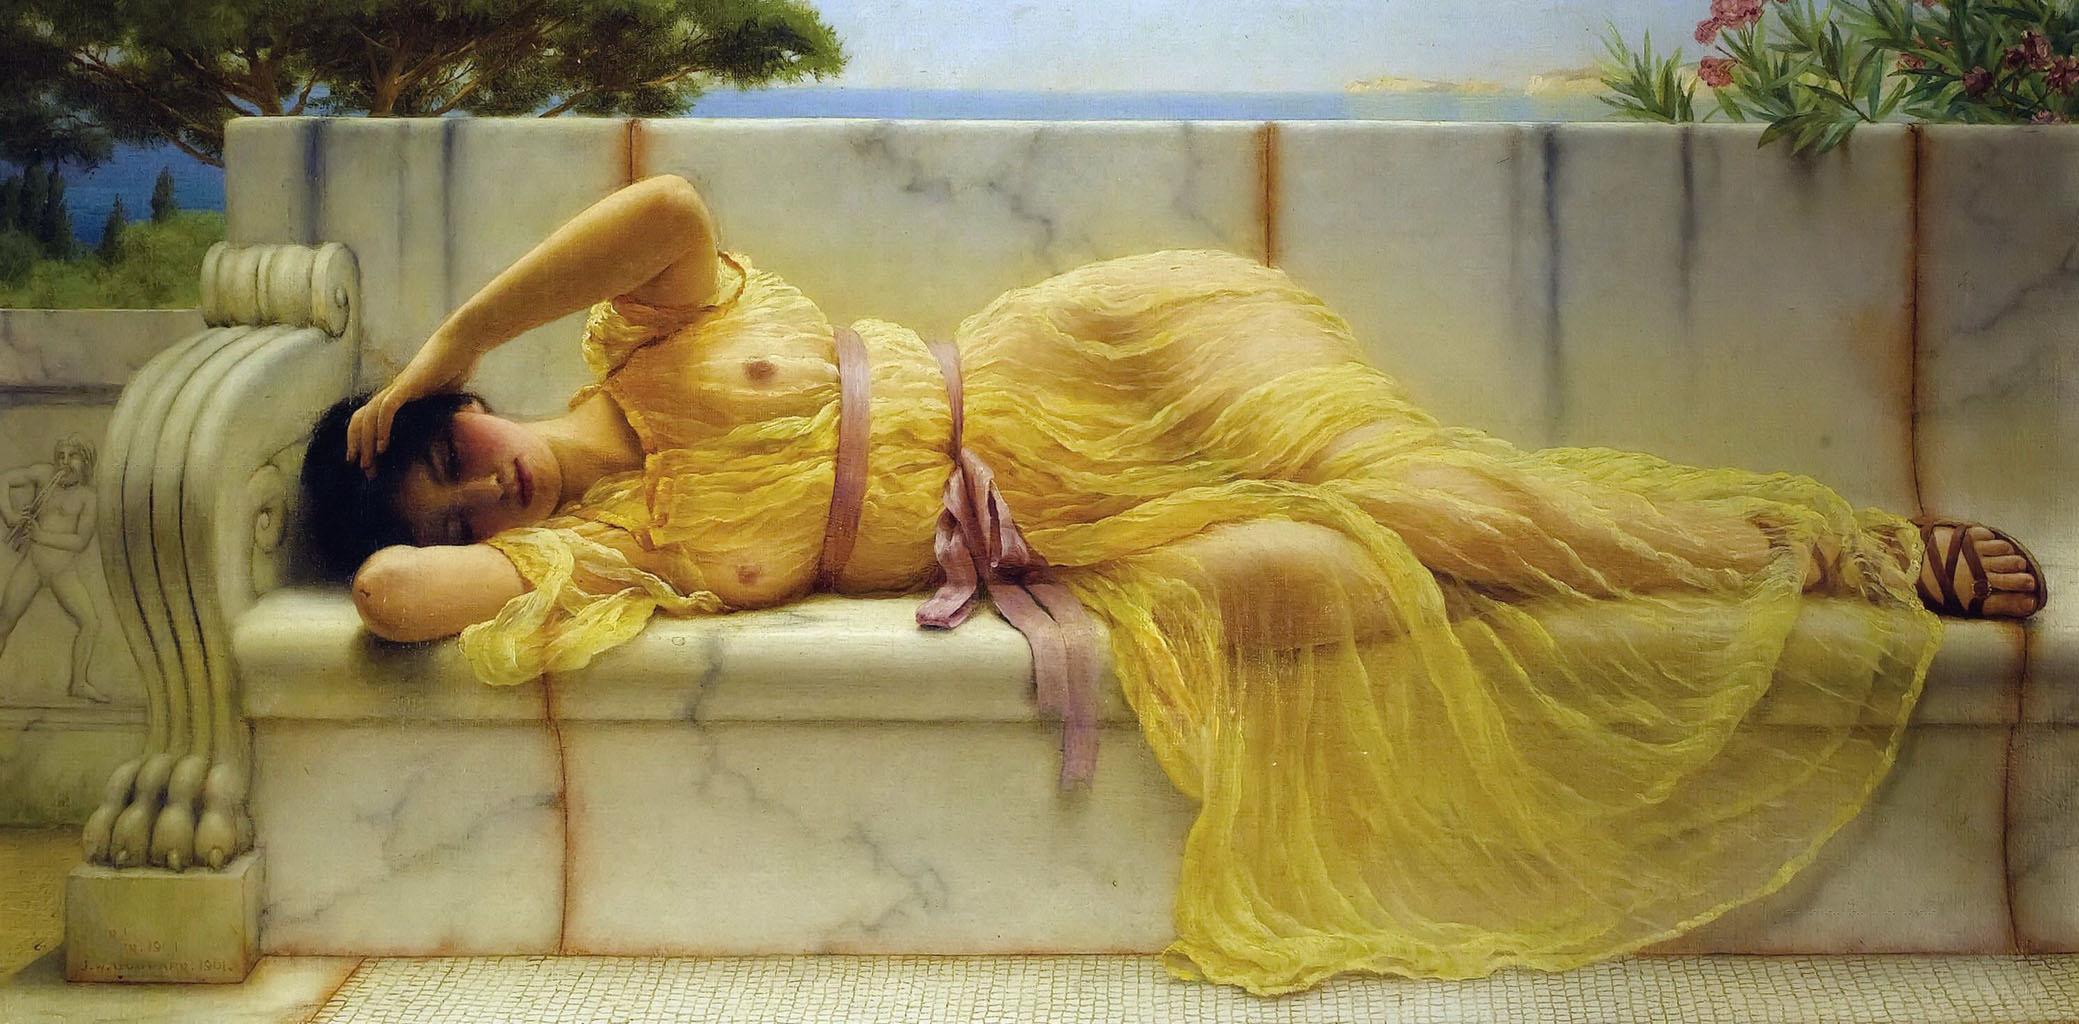 Девушка в желтой драпировке. Джон Уильям Годвард (John William Godward)